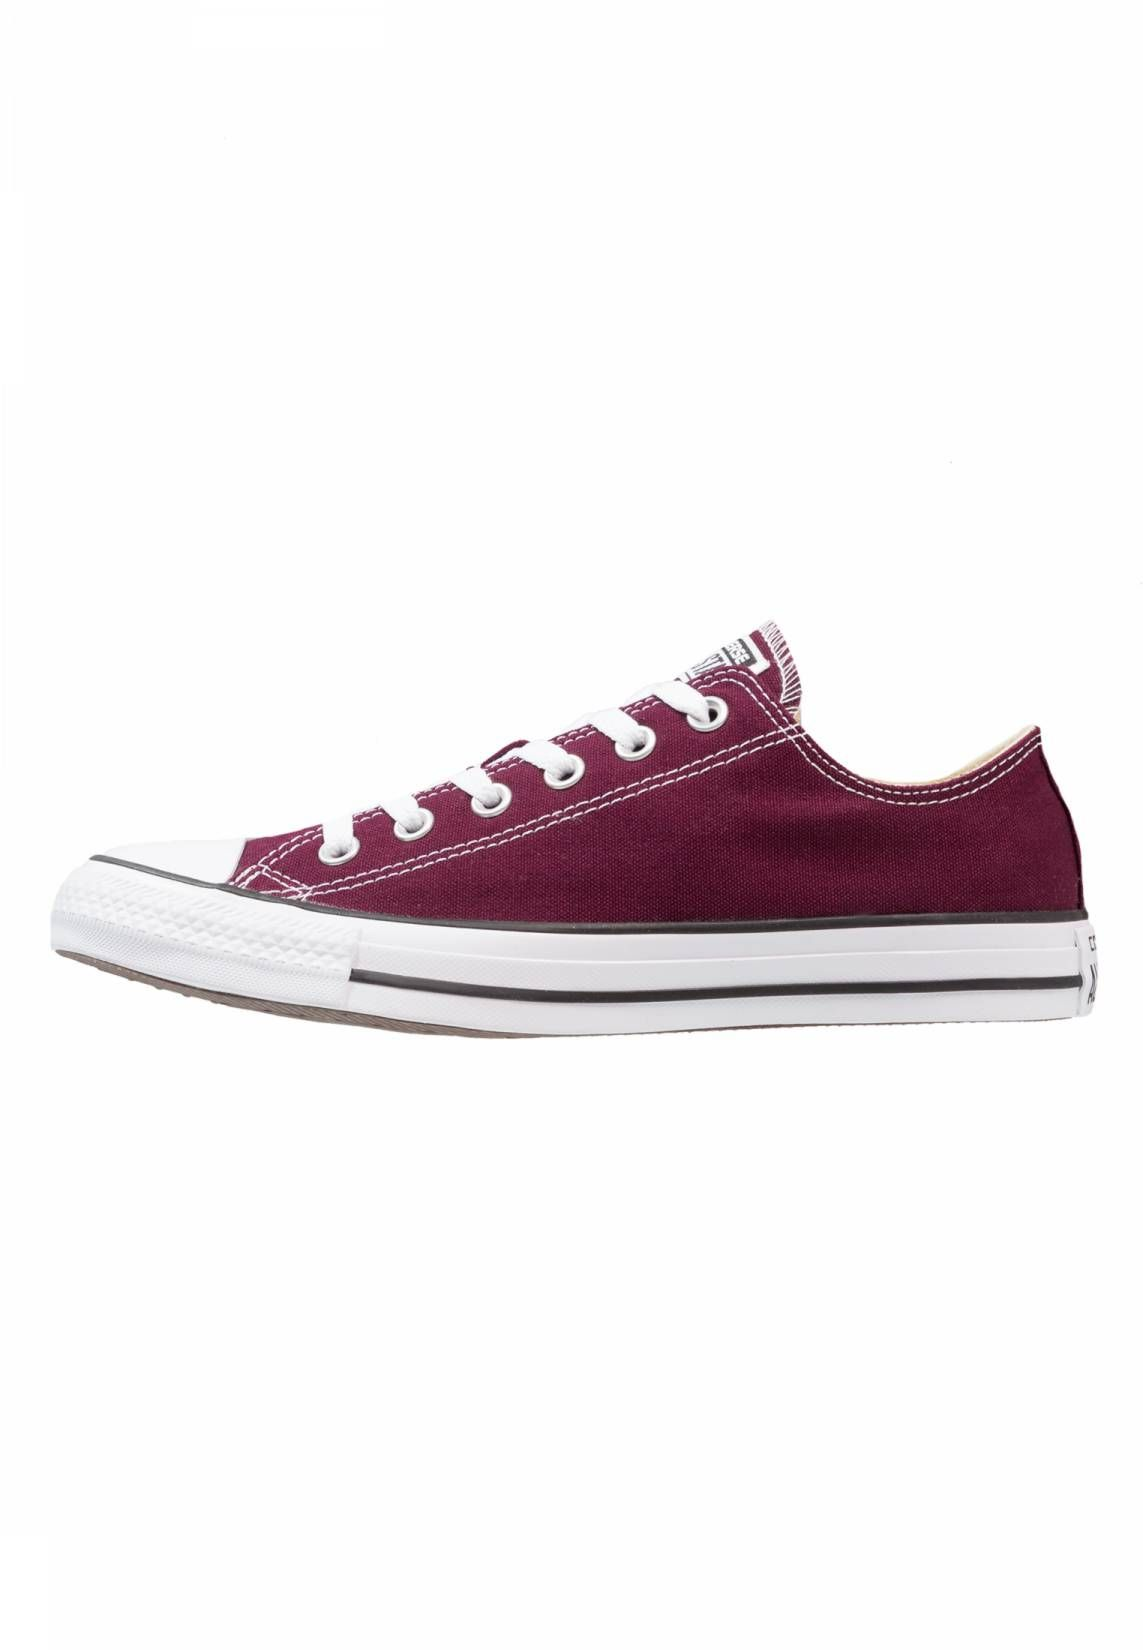 Zapatos rojos de verano Converse CTAS infantiles TKxAiYqyq